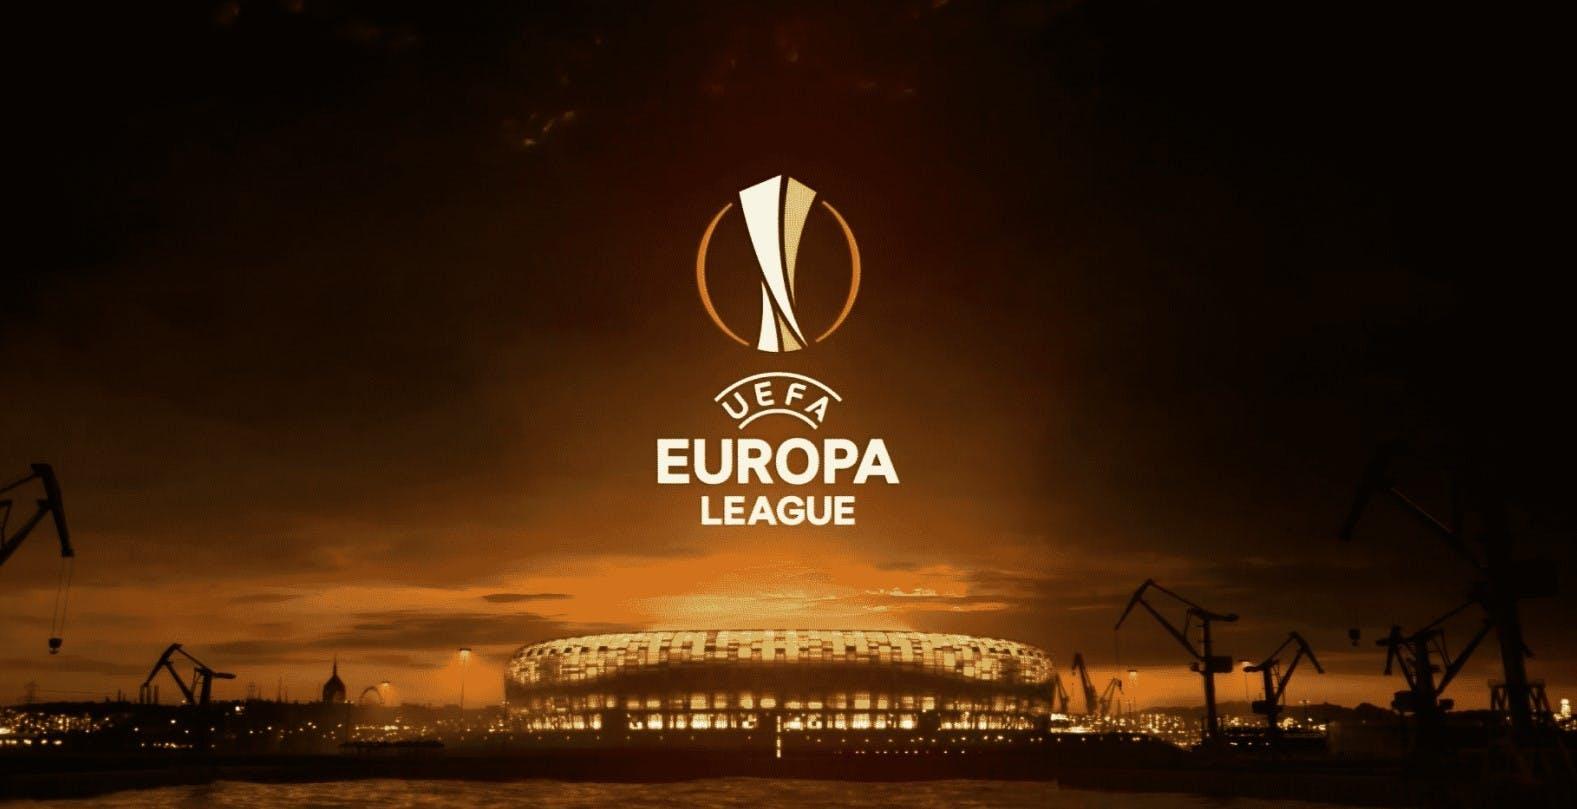 L'Europa League sarà trasmessa anche da DAZN fino al 2024